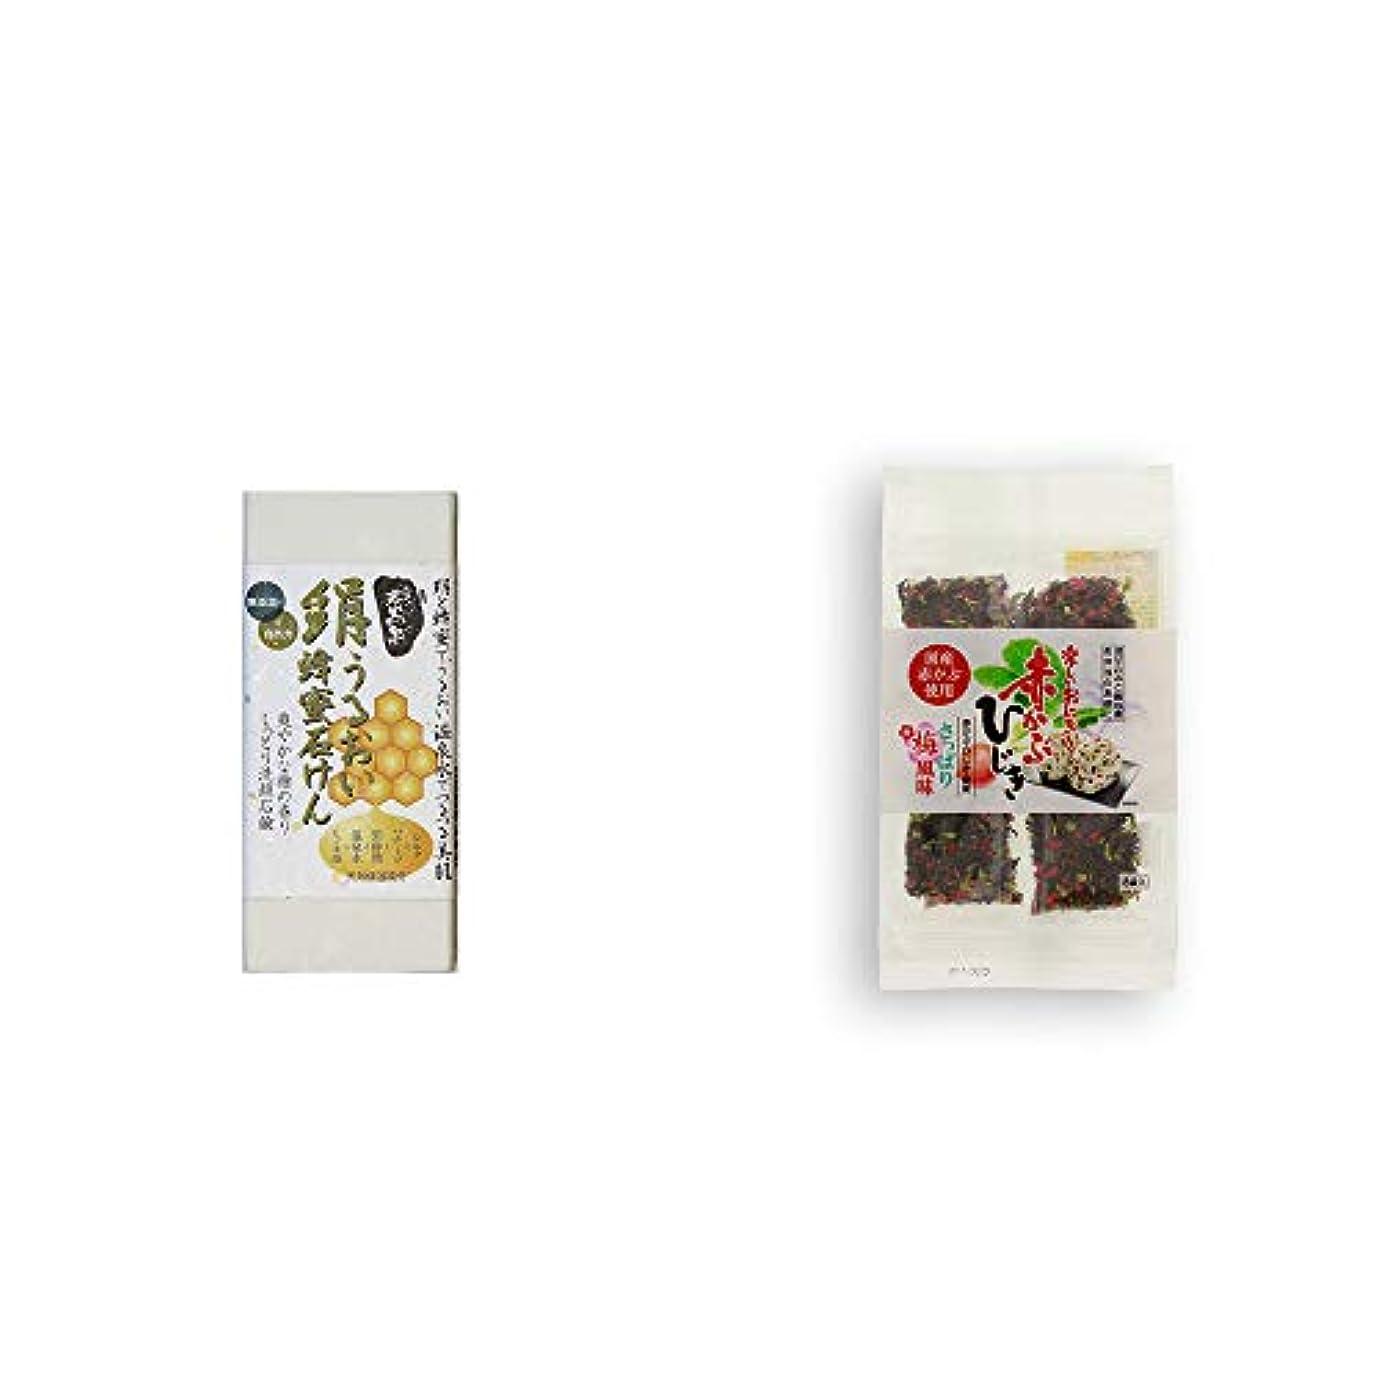 定義する致命的な七時半[2点セット] ひのき炭黒泉 絹うるおい蜂蜜石けん(75g×2)?楽しいおにぎり 赤かぶひじき(8g×8袋)